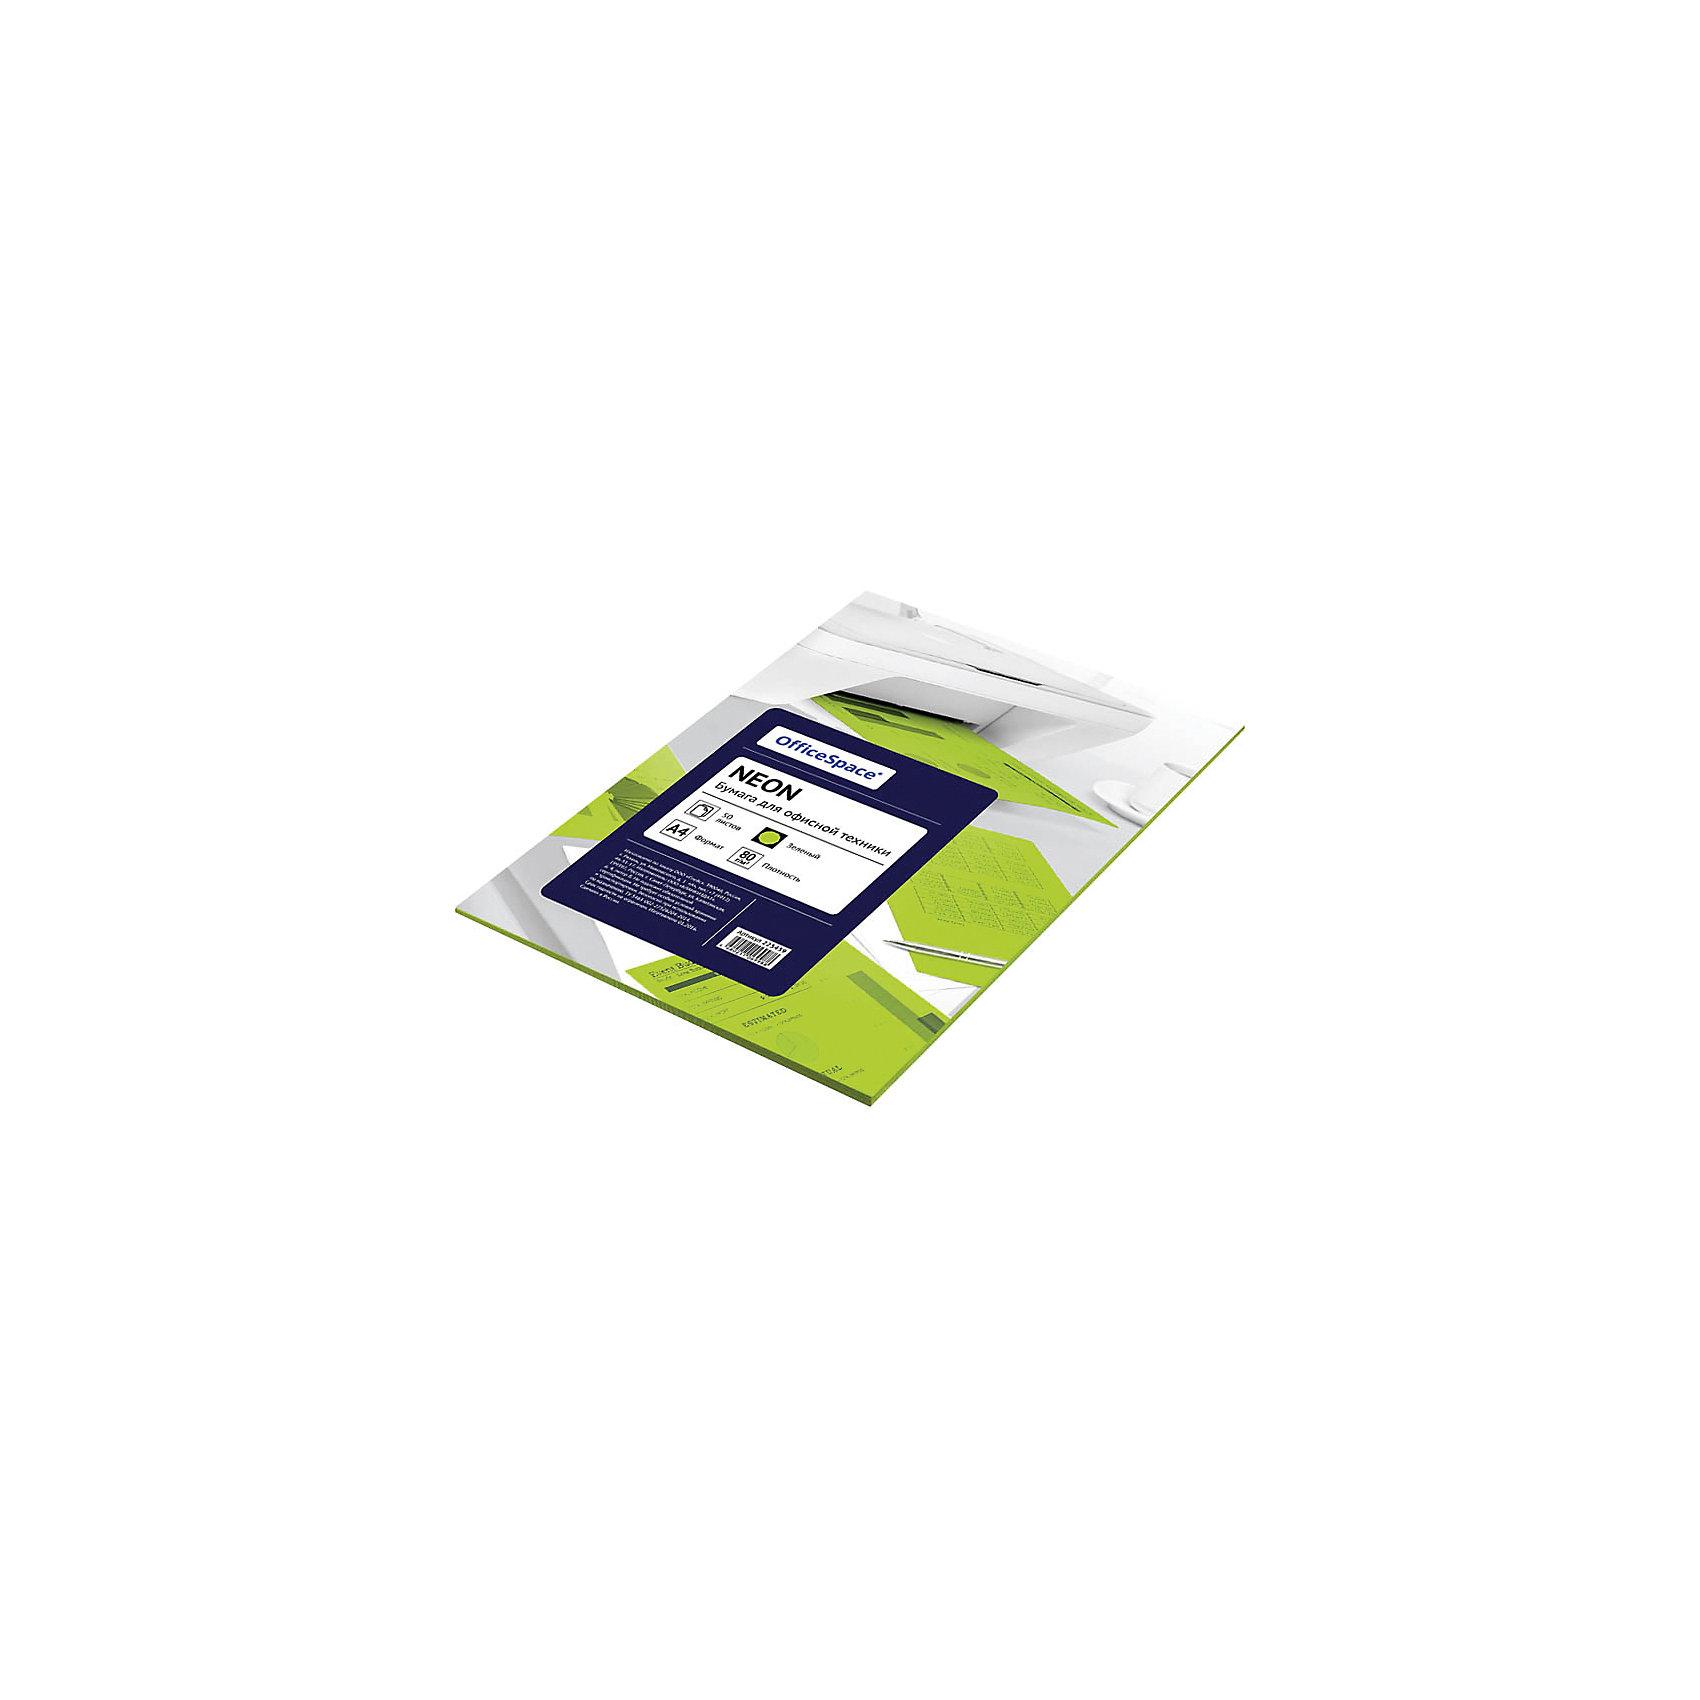 Бумага цветная neon А4 50 листов OfficeSpace, зеленыйБумажная продукция<br>Плотность бумаги: 80 <br>Формат : A4<br>Количество листов: 50<br>Цвет: зеленый<br>Насыщенность цвета: неоновый<br>Толщина: 103<br>Непрозрачность: 92<br>Количество цветов в пачке: 1<br>Количество пачек в коробке: 20<br>Цветная бумага для офиса зеленого неонового цвета предназначена для печати на всех видах оргтехники и ризографах. Одна пачка содержит 50 листов формата А4, в прозрачной упаковке. Идеально подходит для документов, презентаций, рекламных материалов, открыток.<br><br>Ширина мм: 300<br>Глубина мм: 210<br>Высота мм: 8<br>Вес г: 240<br>Возраст от месяцев: 60<br>Возраст до месяцев: 2147483647<br>Пол: Унисекс<br>Возраст: Детский<br>SKU: 7044315